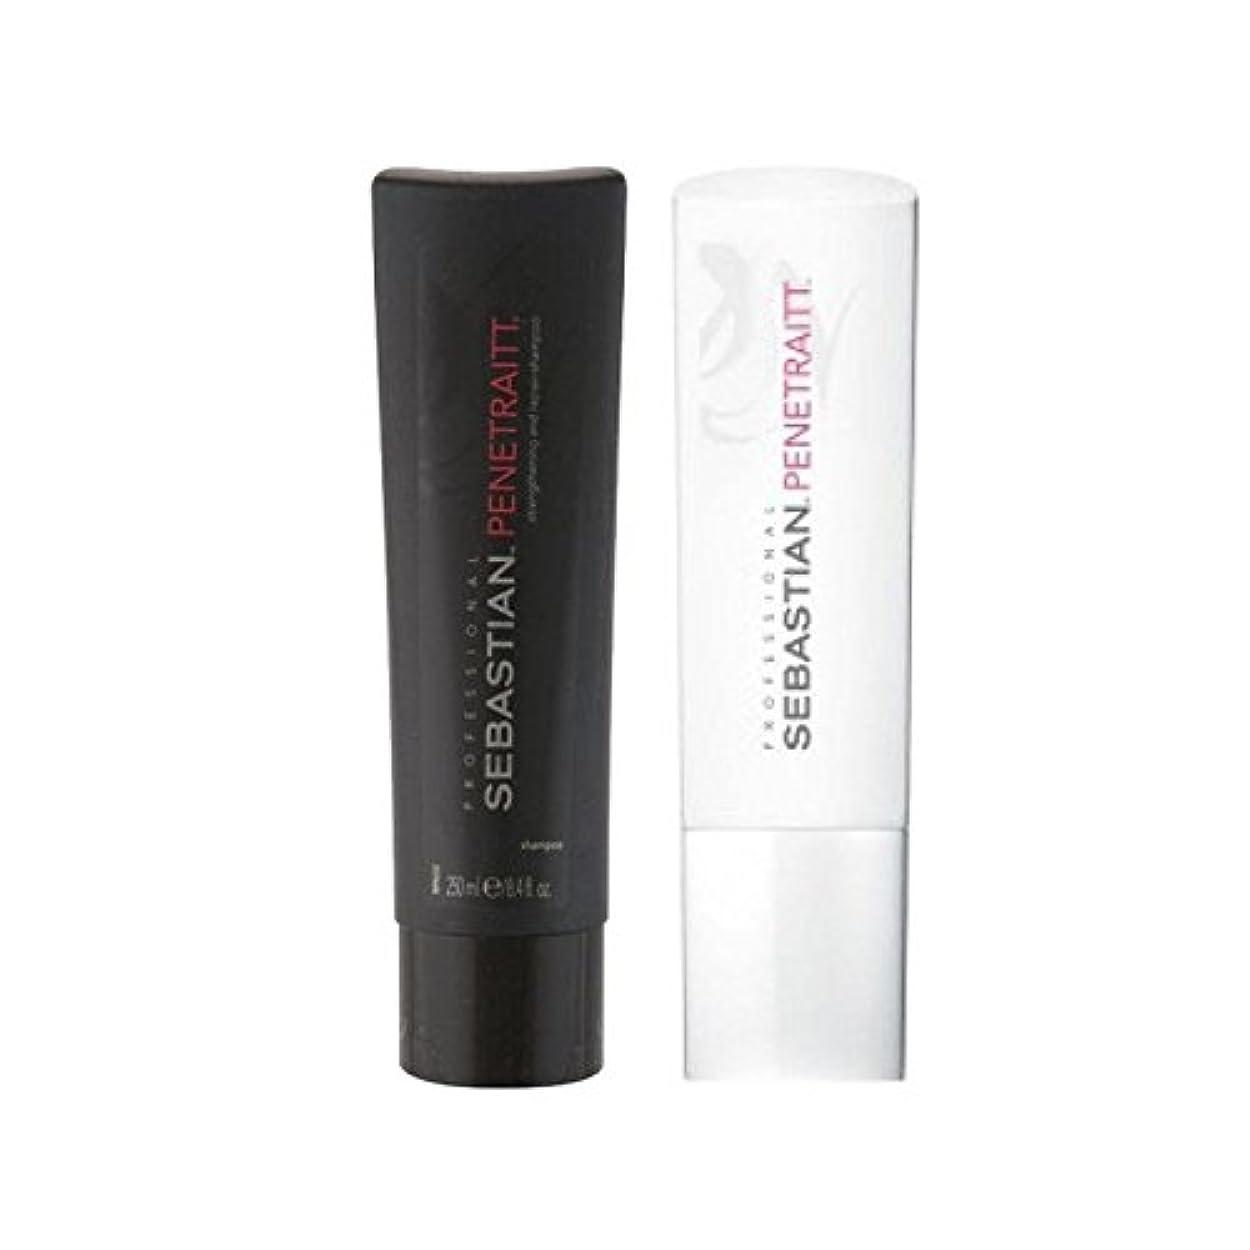 トラクター所有権モザイクセバスチャンプロデュオ - シャンプー&コンディショナー x2 - Sebastian Professional Penetraitt Duo - Shampoo & Conditioner (Pack of 2) [並行輸入品]